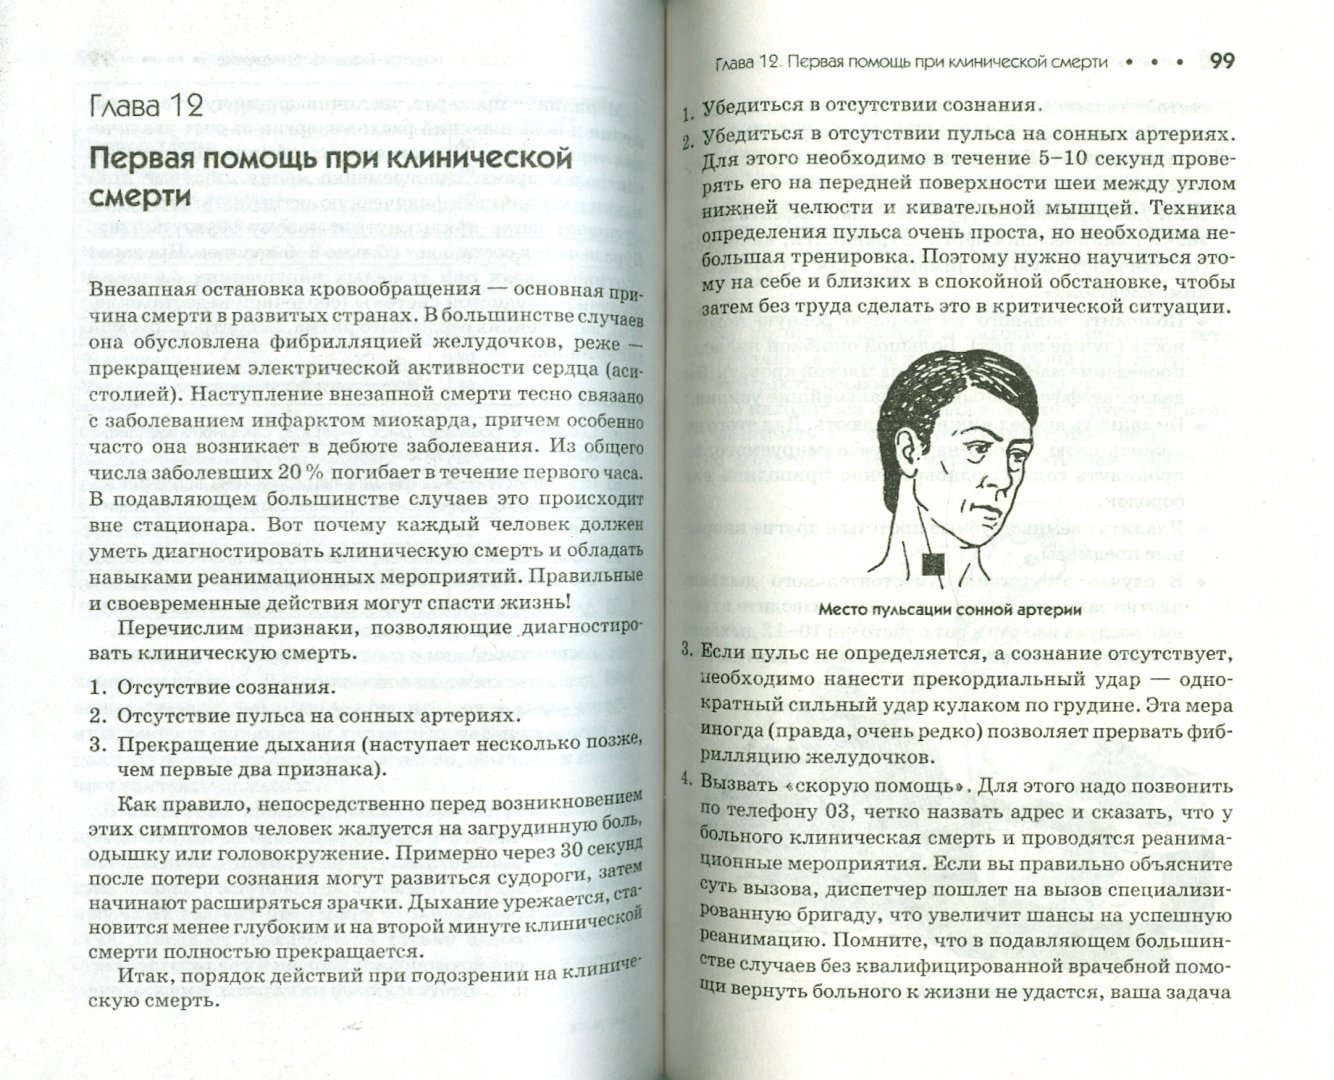 Иллюстрация 1 из 15 для Заболевания сердца и сосудов. Профилактика и лечение - Константин Крулев   Лабиринт - книги. Источник: Лабиринт